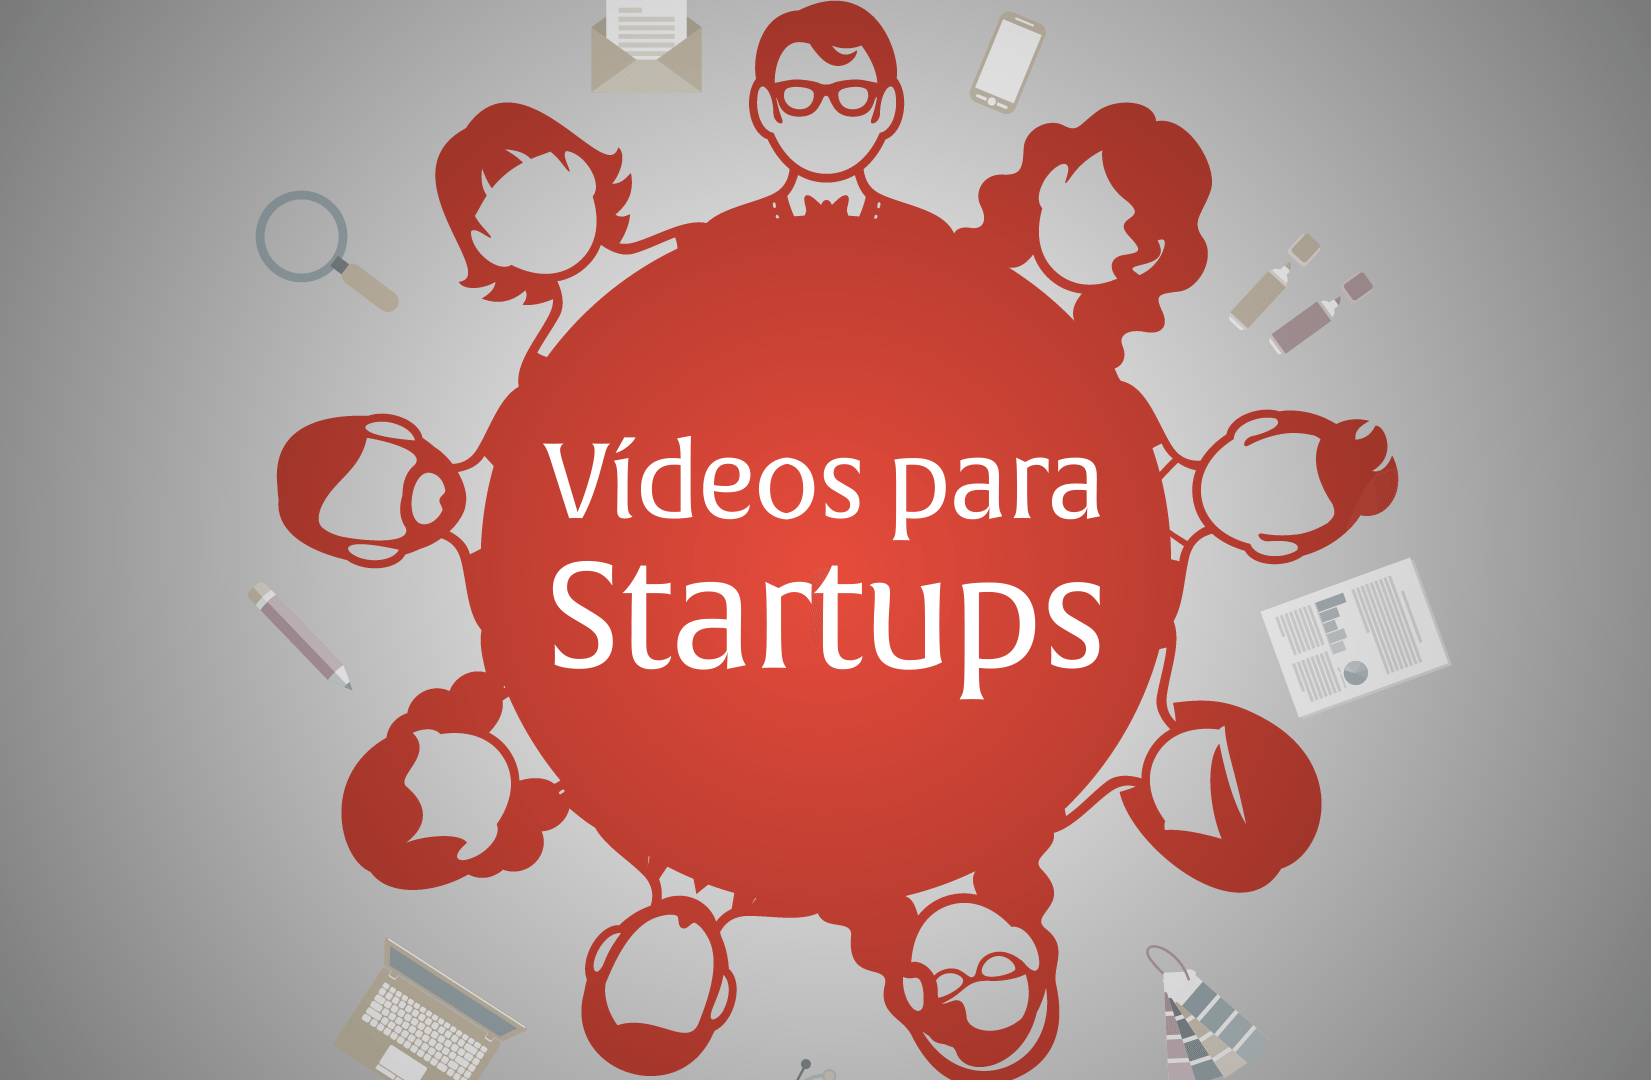 Entenda a febre dos Vídeos para Startups